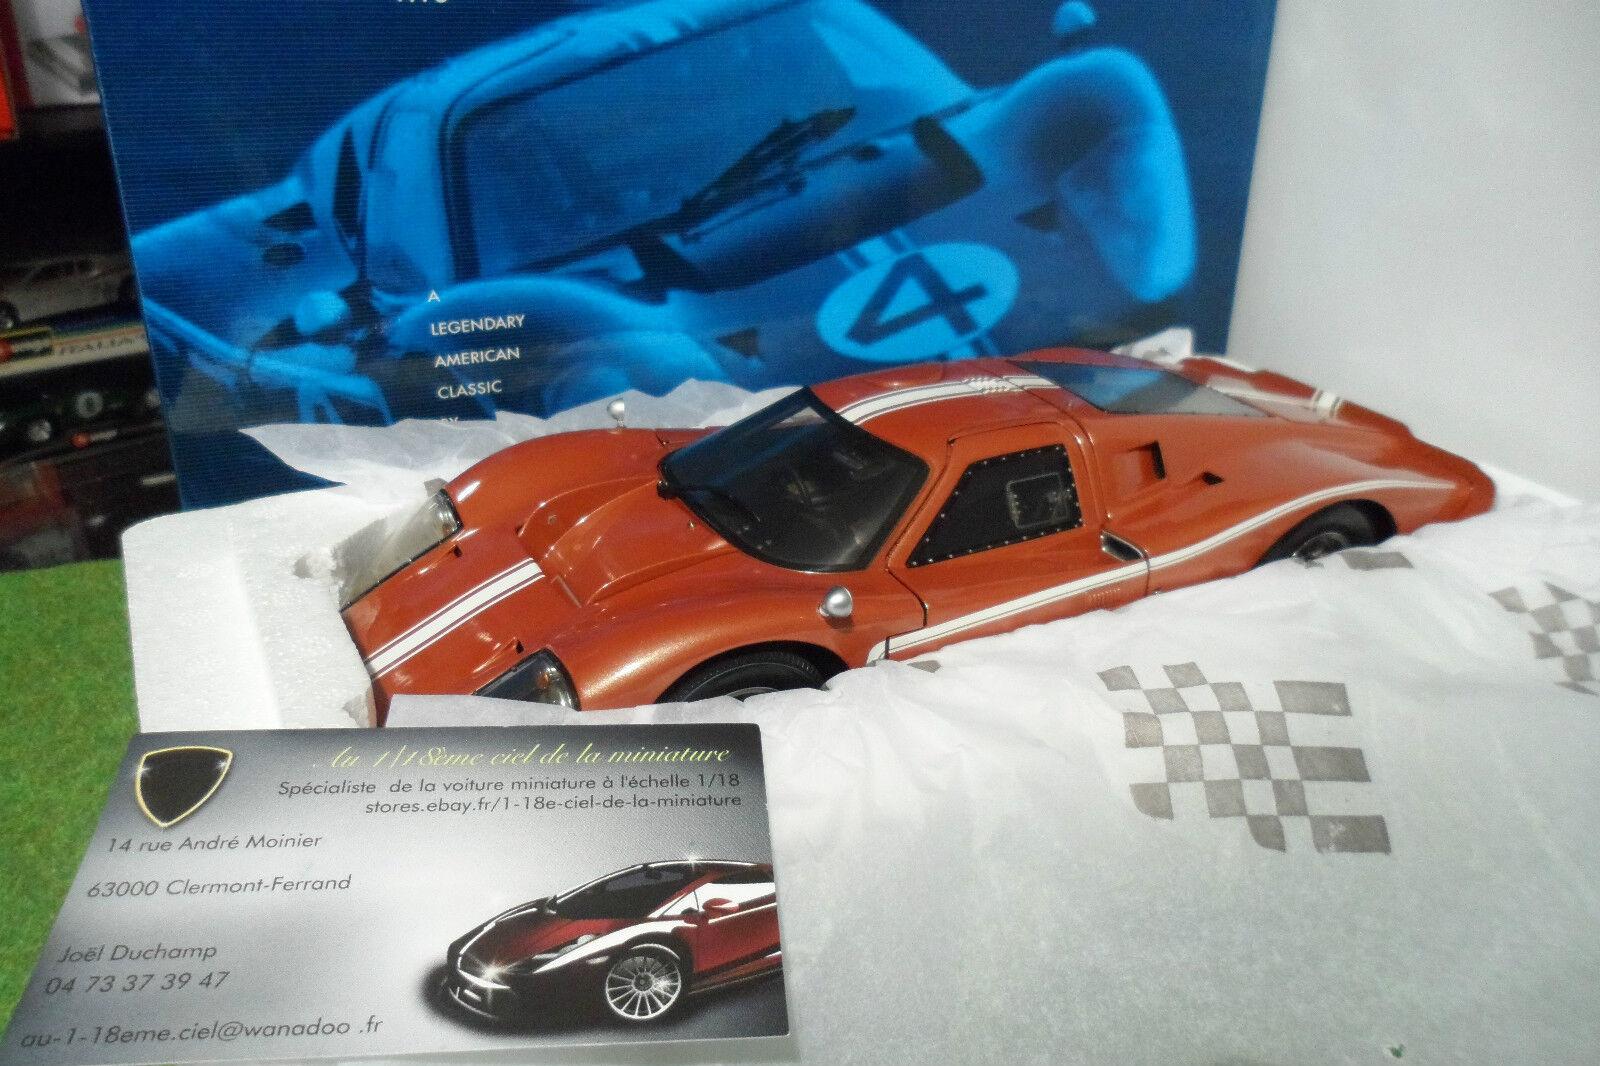 venta caliente en línea FORD FORD FORD GT 40 MK IV TEST Coche 1967 Le Mans au 1 18 EXOTO RLG 18055 voiture miniature  ¡No dudes! ¡Compra ahora!